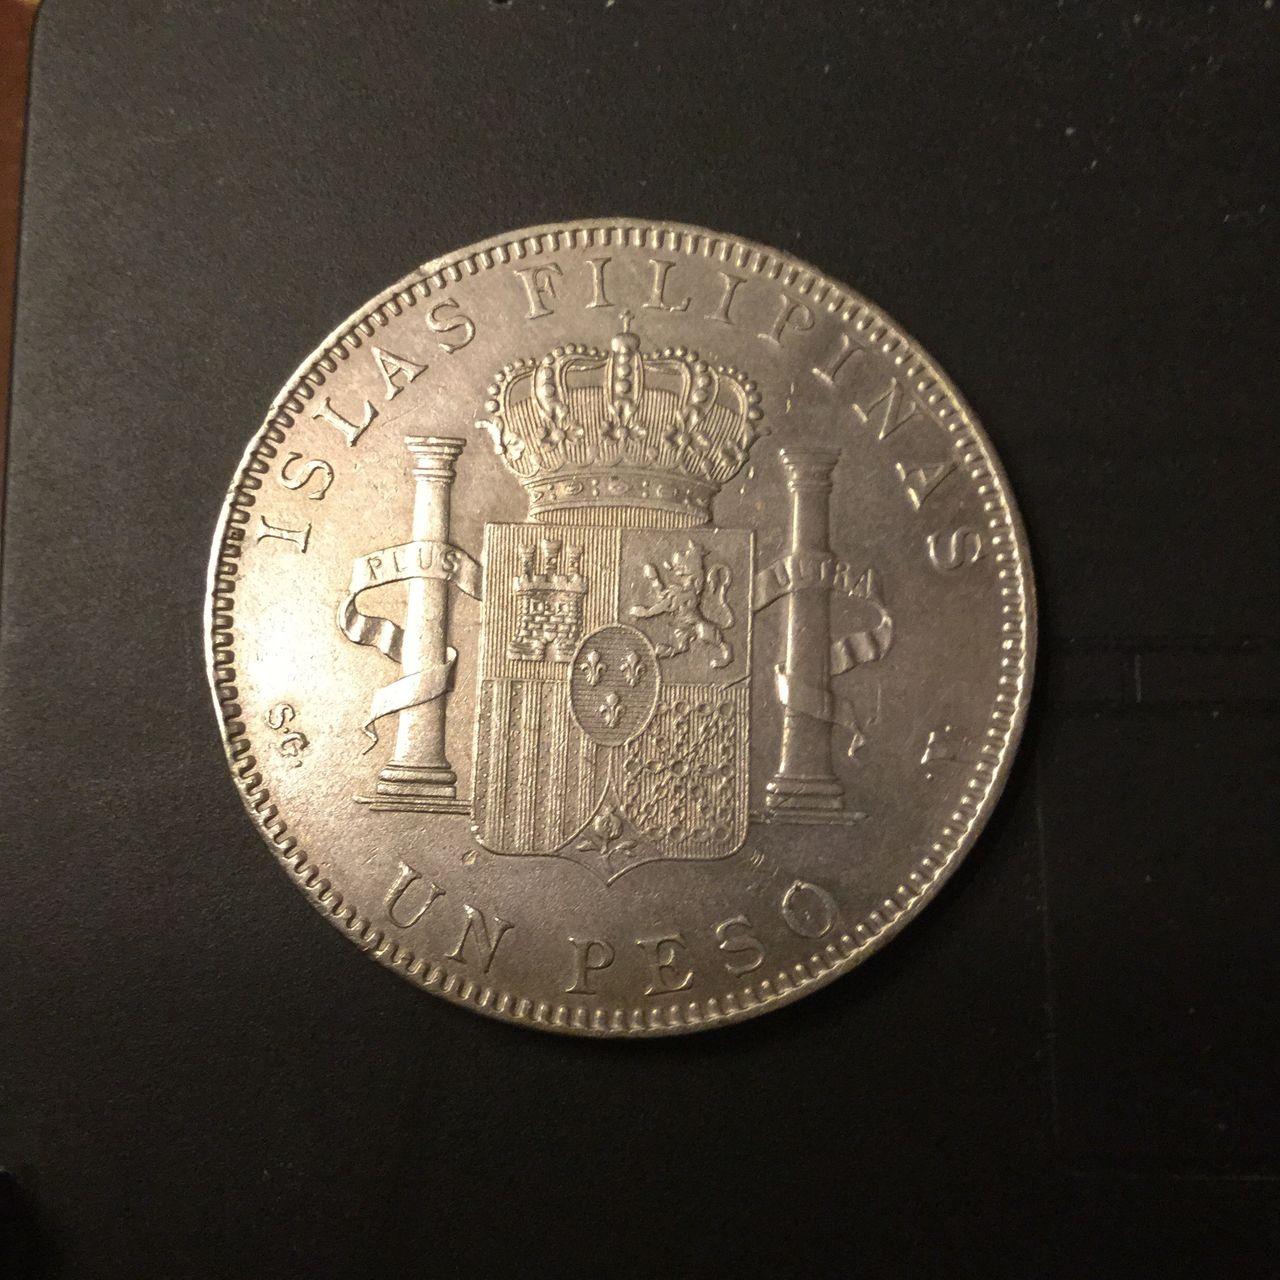 Alfonso XIII Pesos y Oro Image